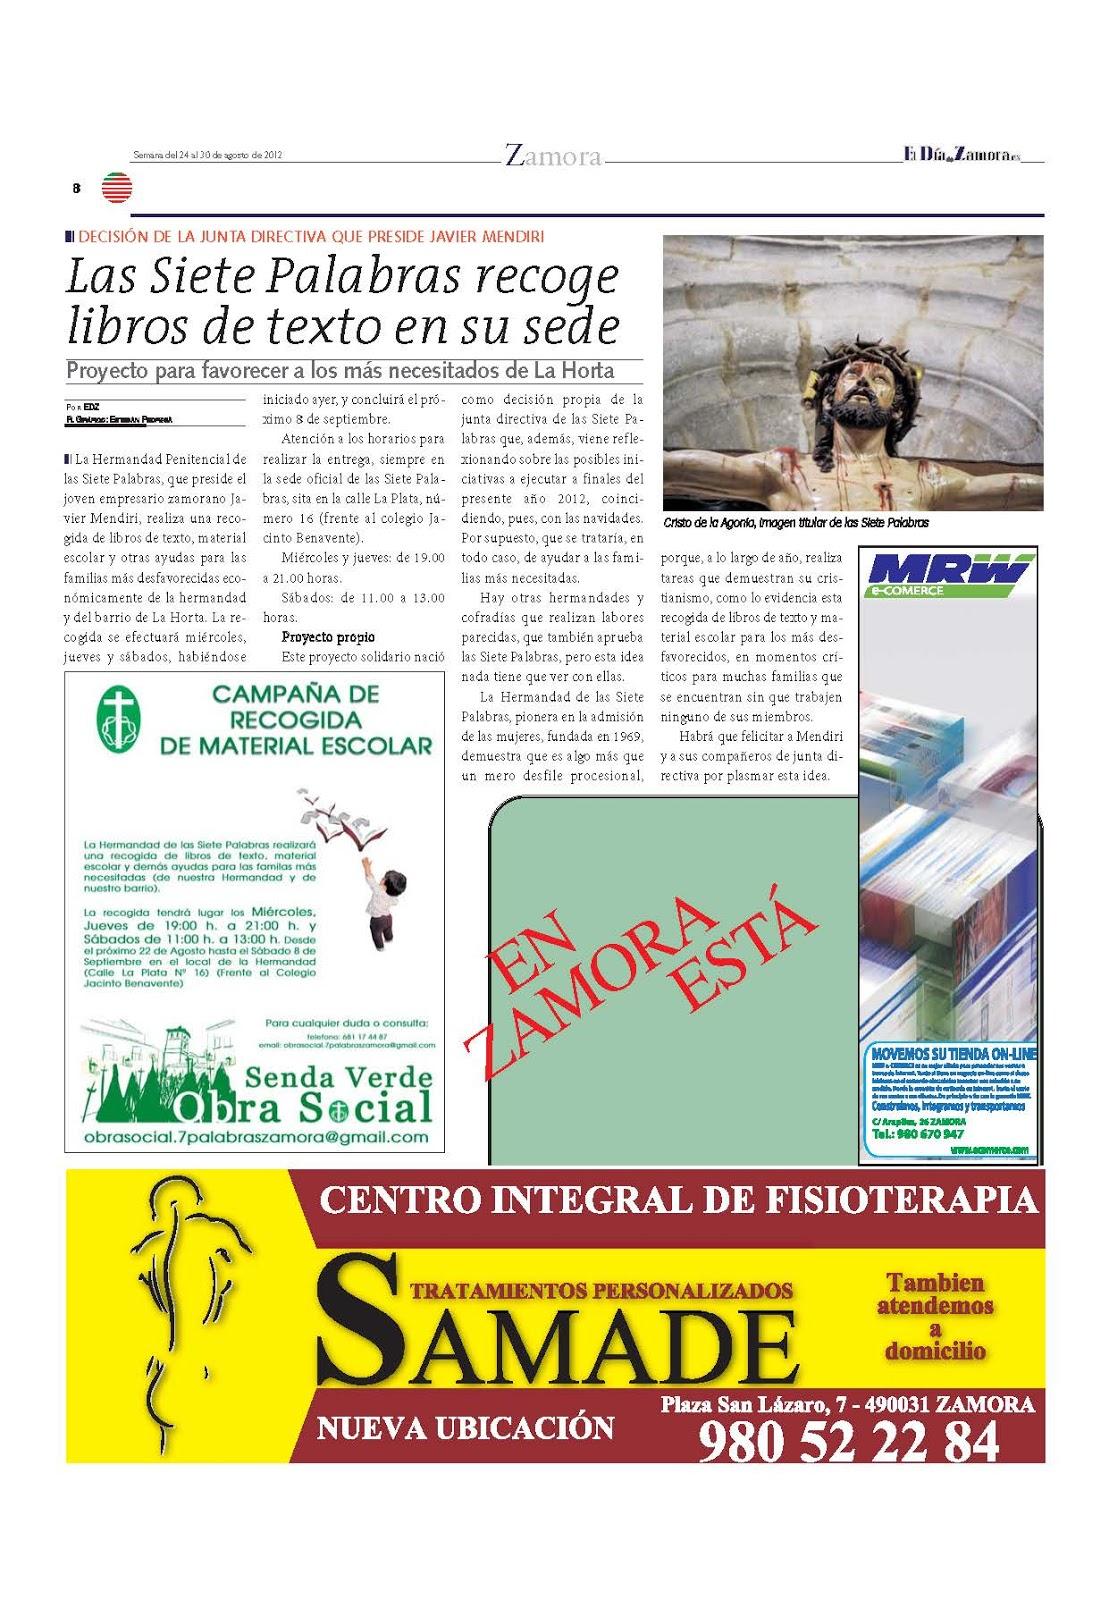 http://7palabraszamora.blogspot.com.es/2012/08/publicacion-el-dia-de-zamora-24-08-12.html